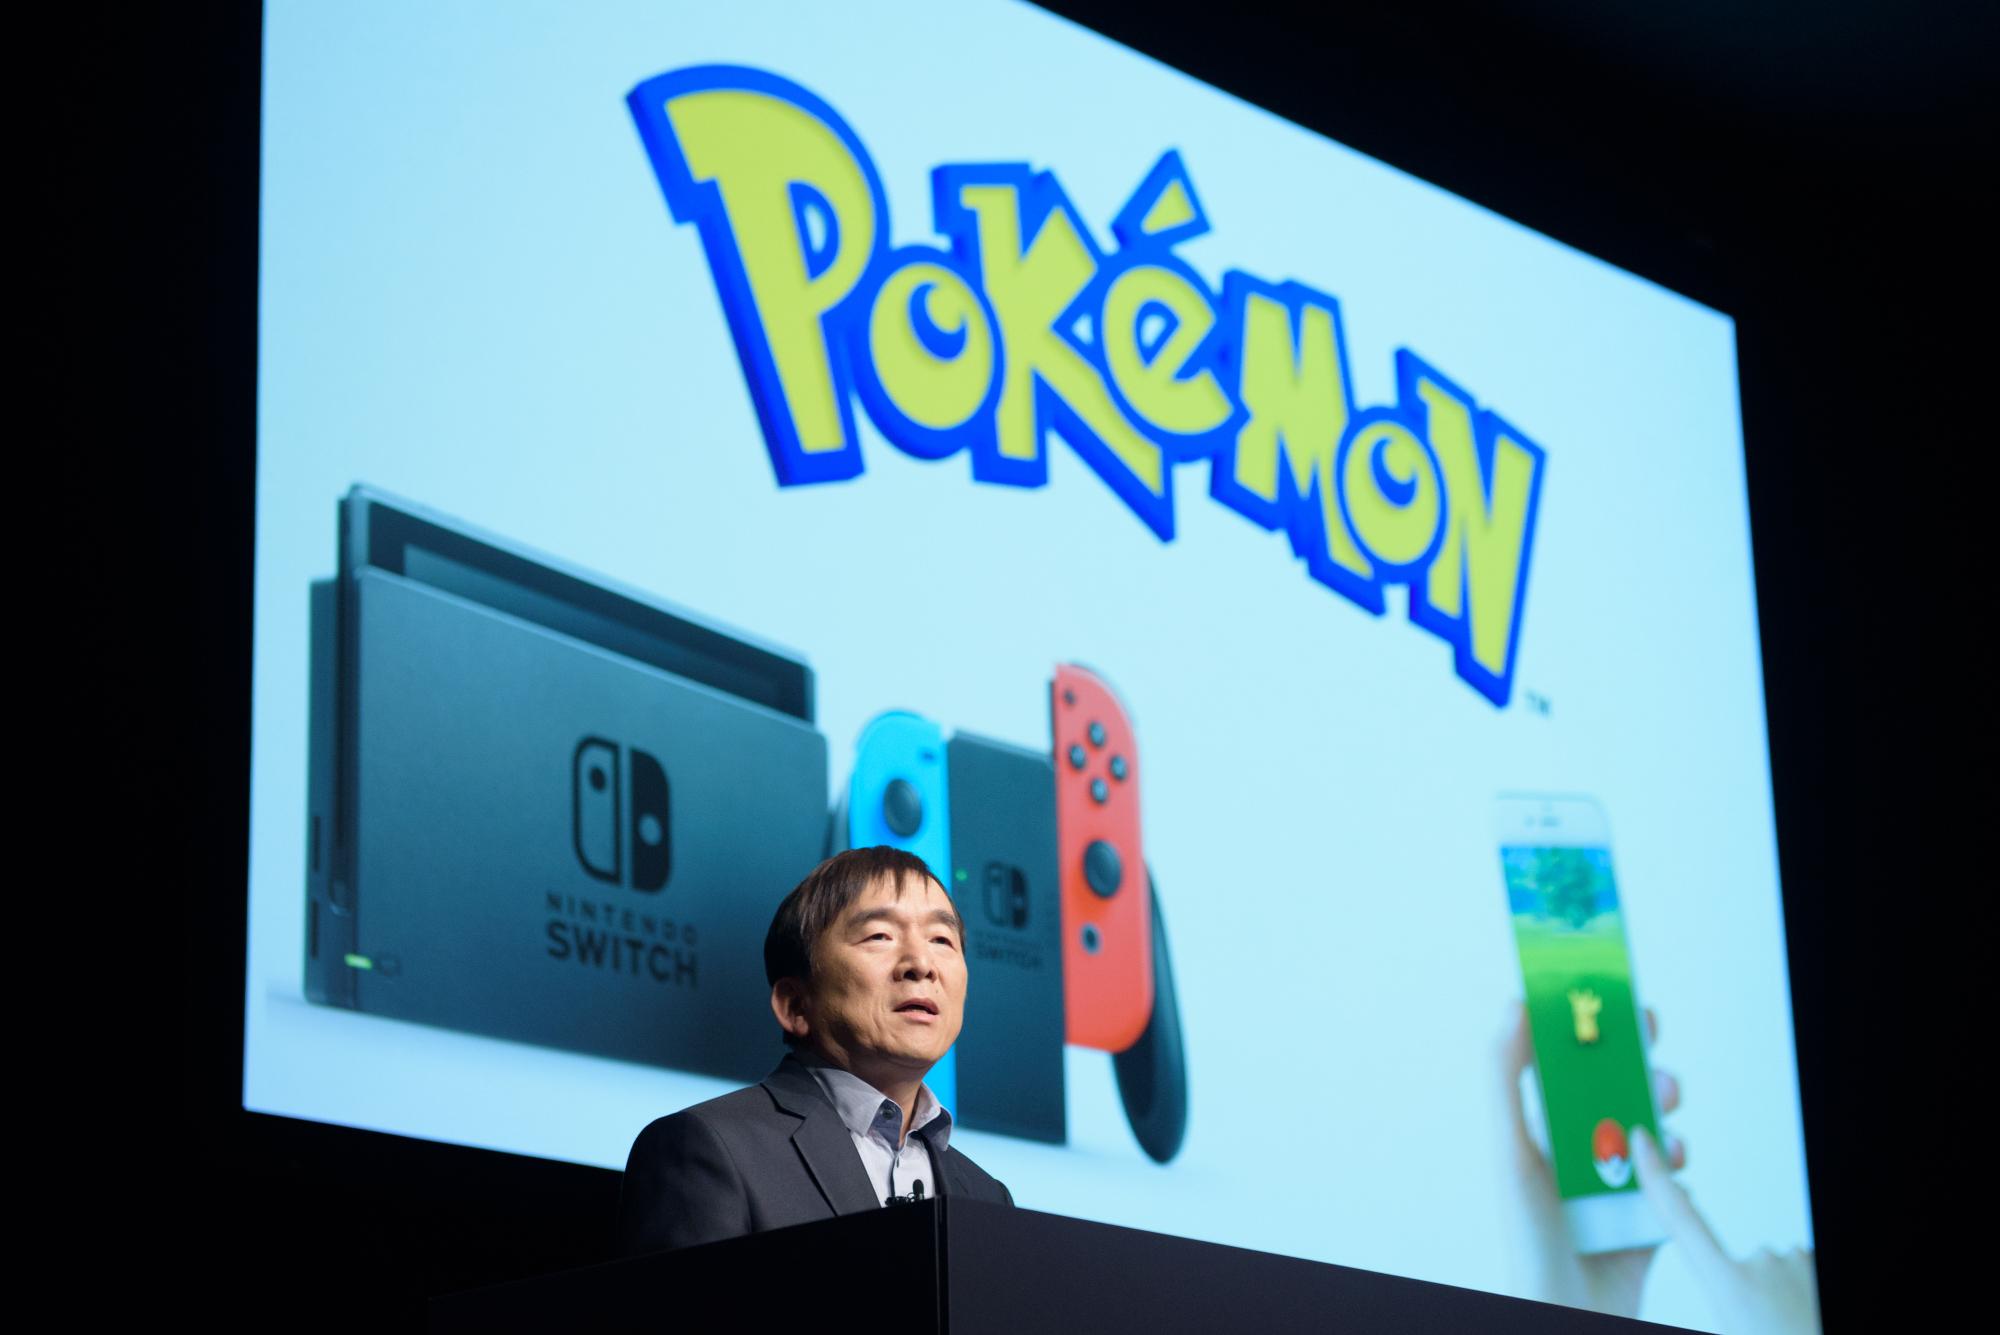 任天堂「スイッチ」向けのポケモン新作ゲームが登場へ - bloomberg